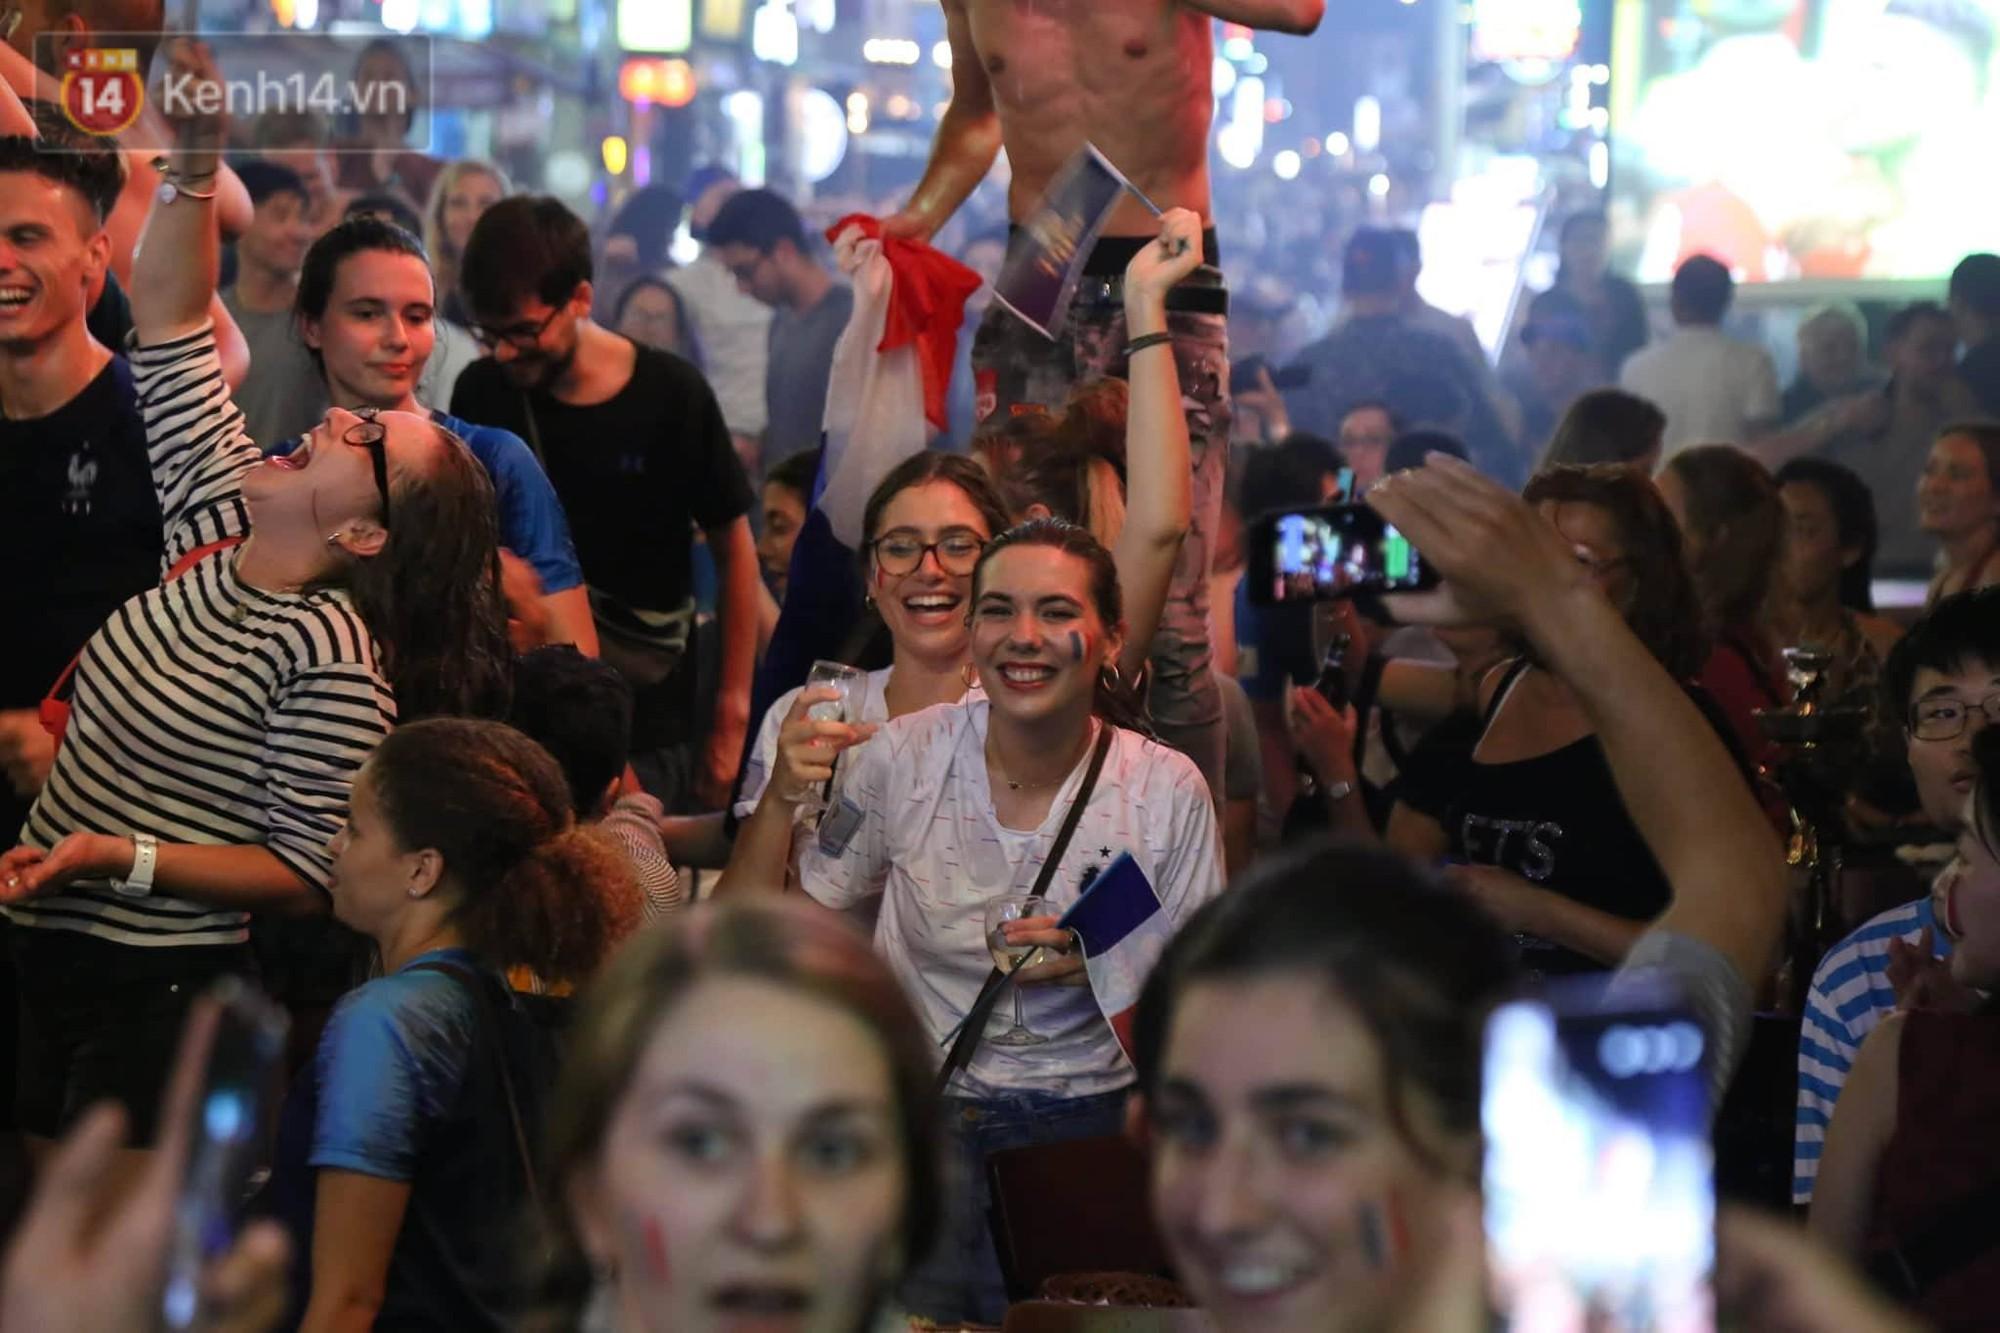 Nữ CĐV ở Sài Gòn cởi đồ, hò hét ăn mừng xuyên đêm tại phố Tây Bùi Viện khi Pháp vô địch World Cup sau 20 năm 8